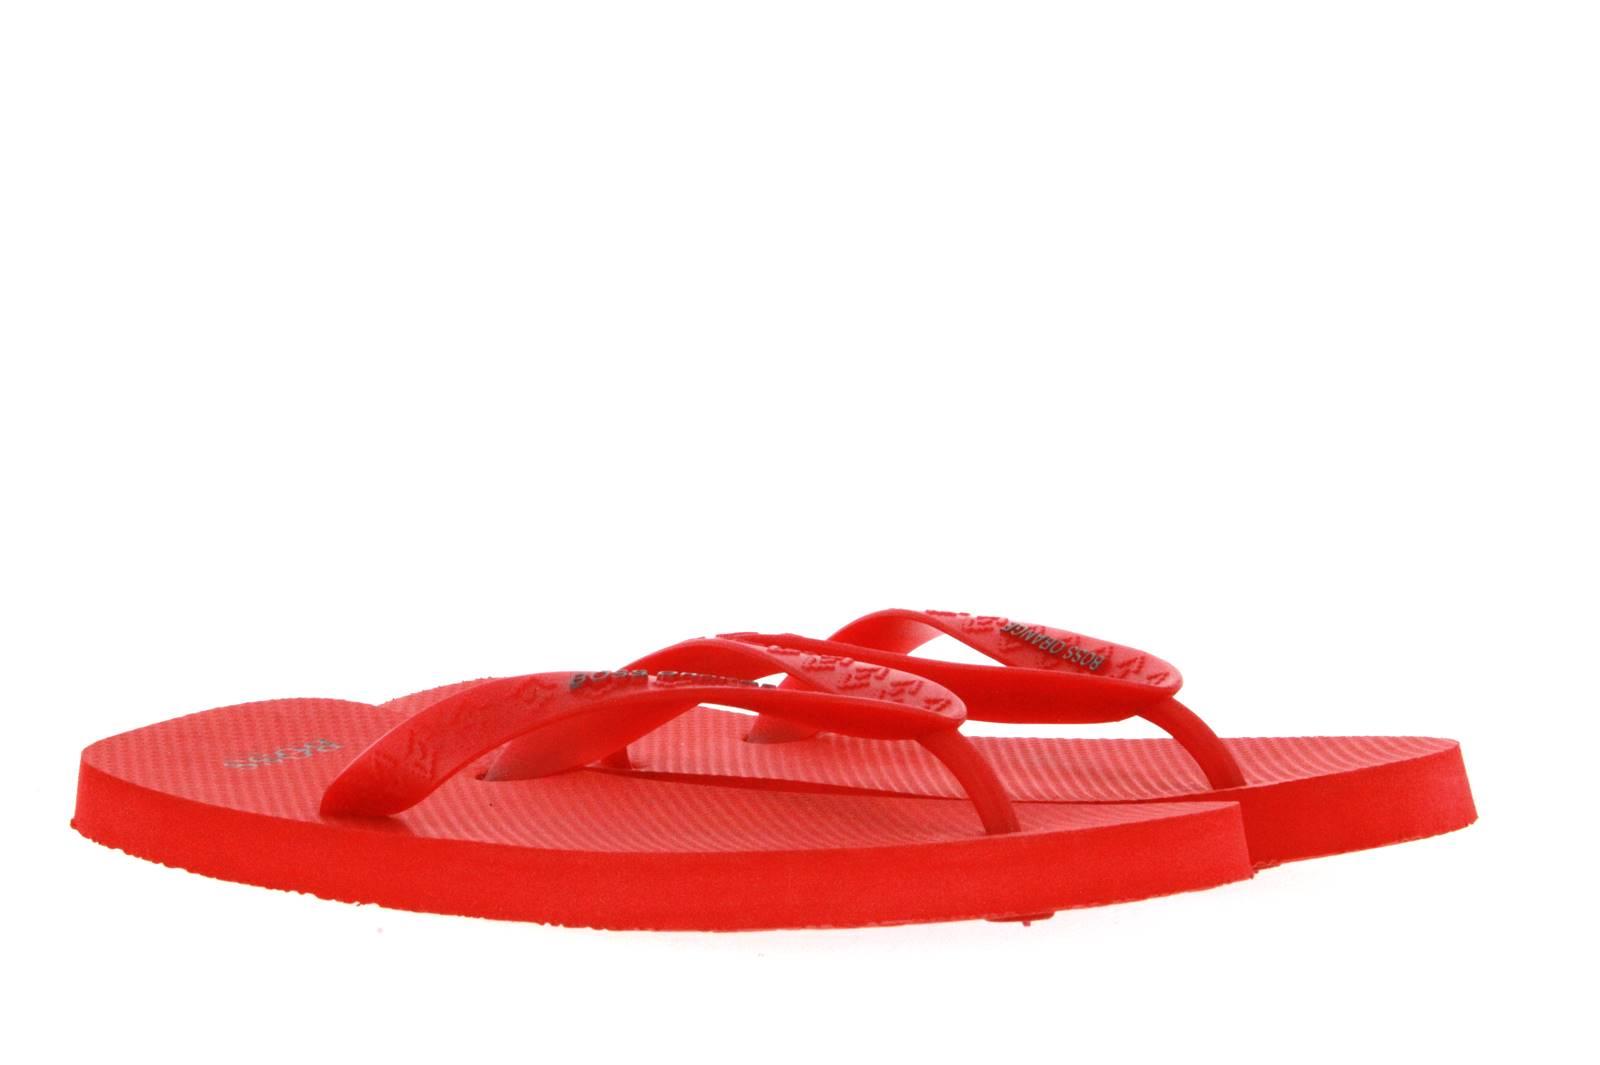 Hugo Boss Flip Flop LOY RED (43-44)